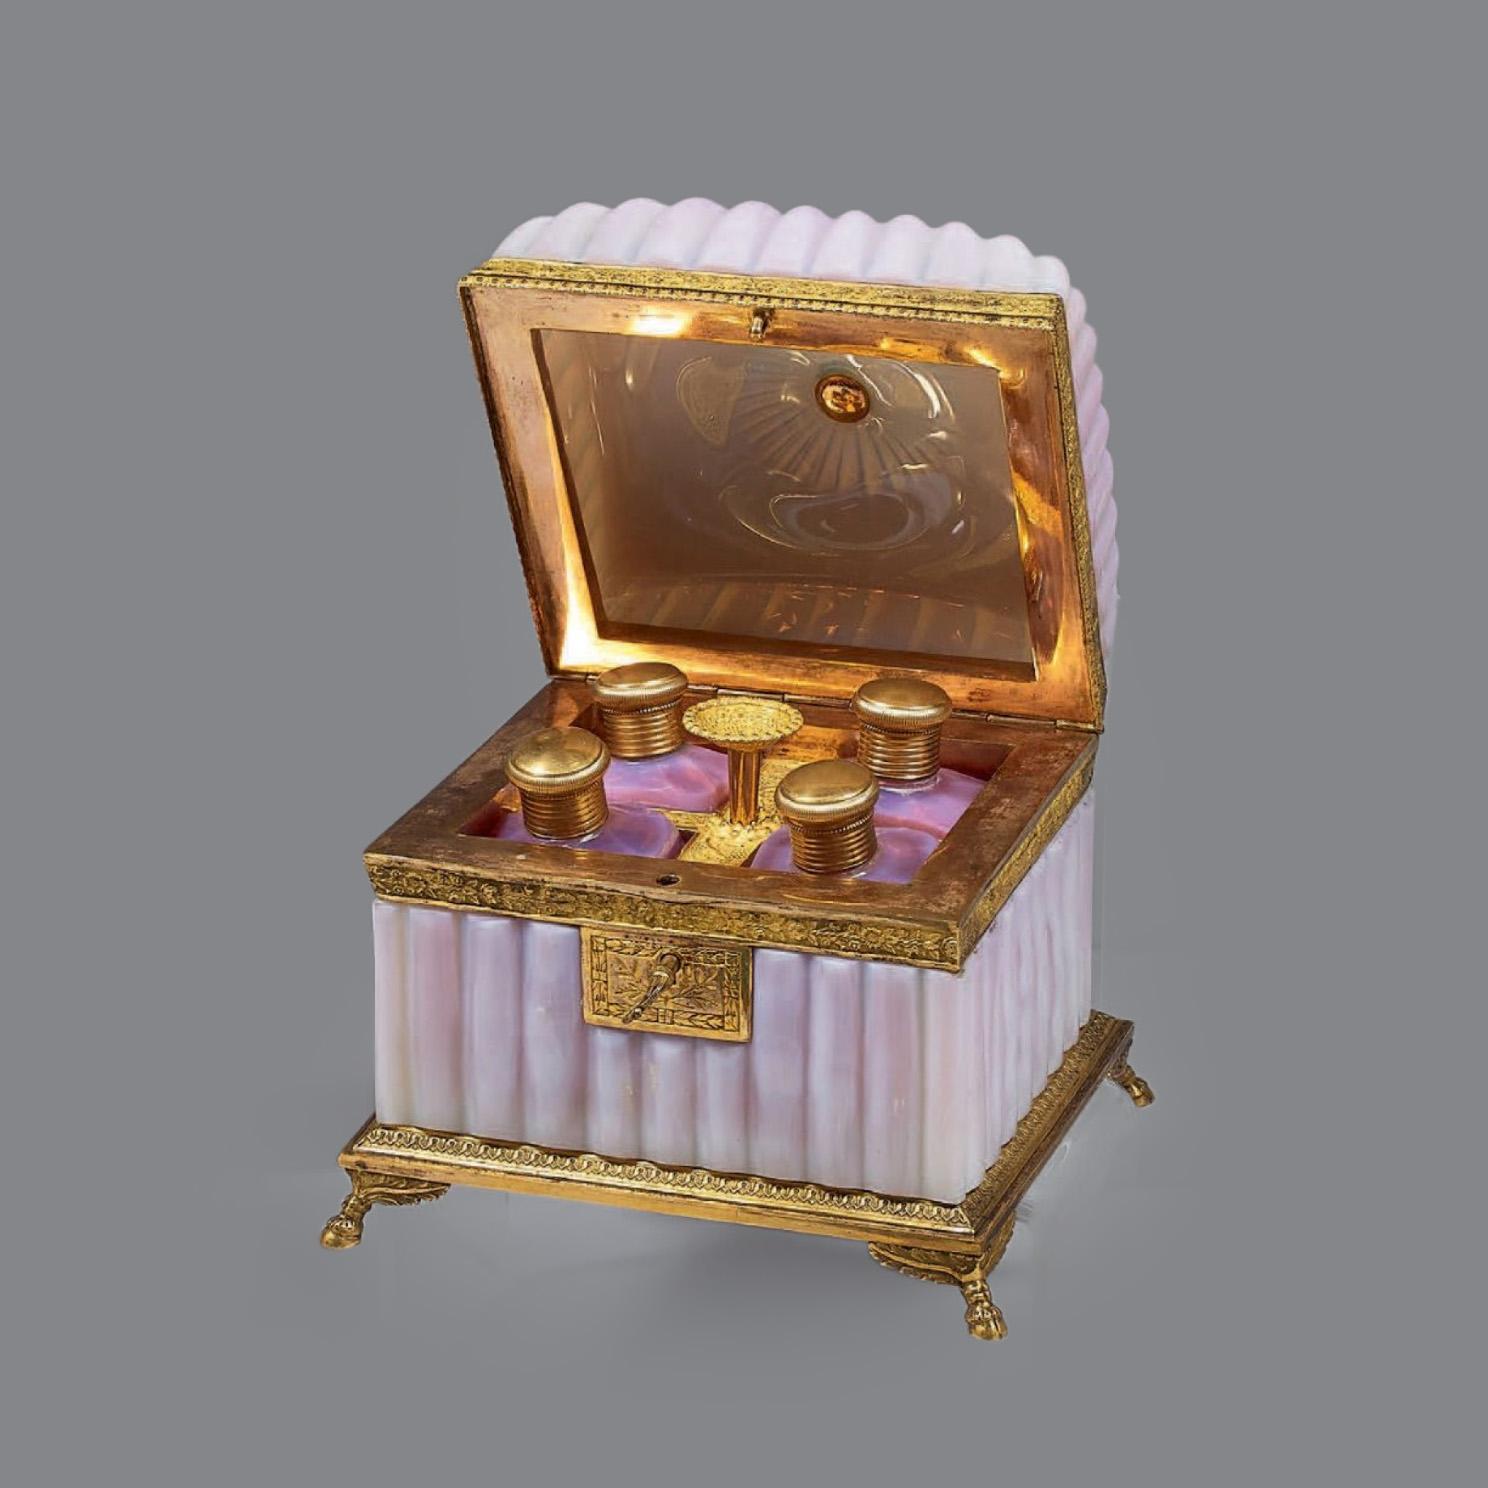 5258€ Coffret à parfums en opaline gorge-de-pigeon contenant 4flacons, monture en bronze doré, époque Restauration, 14x15x13cm.Par